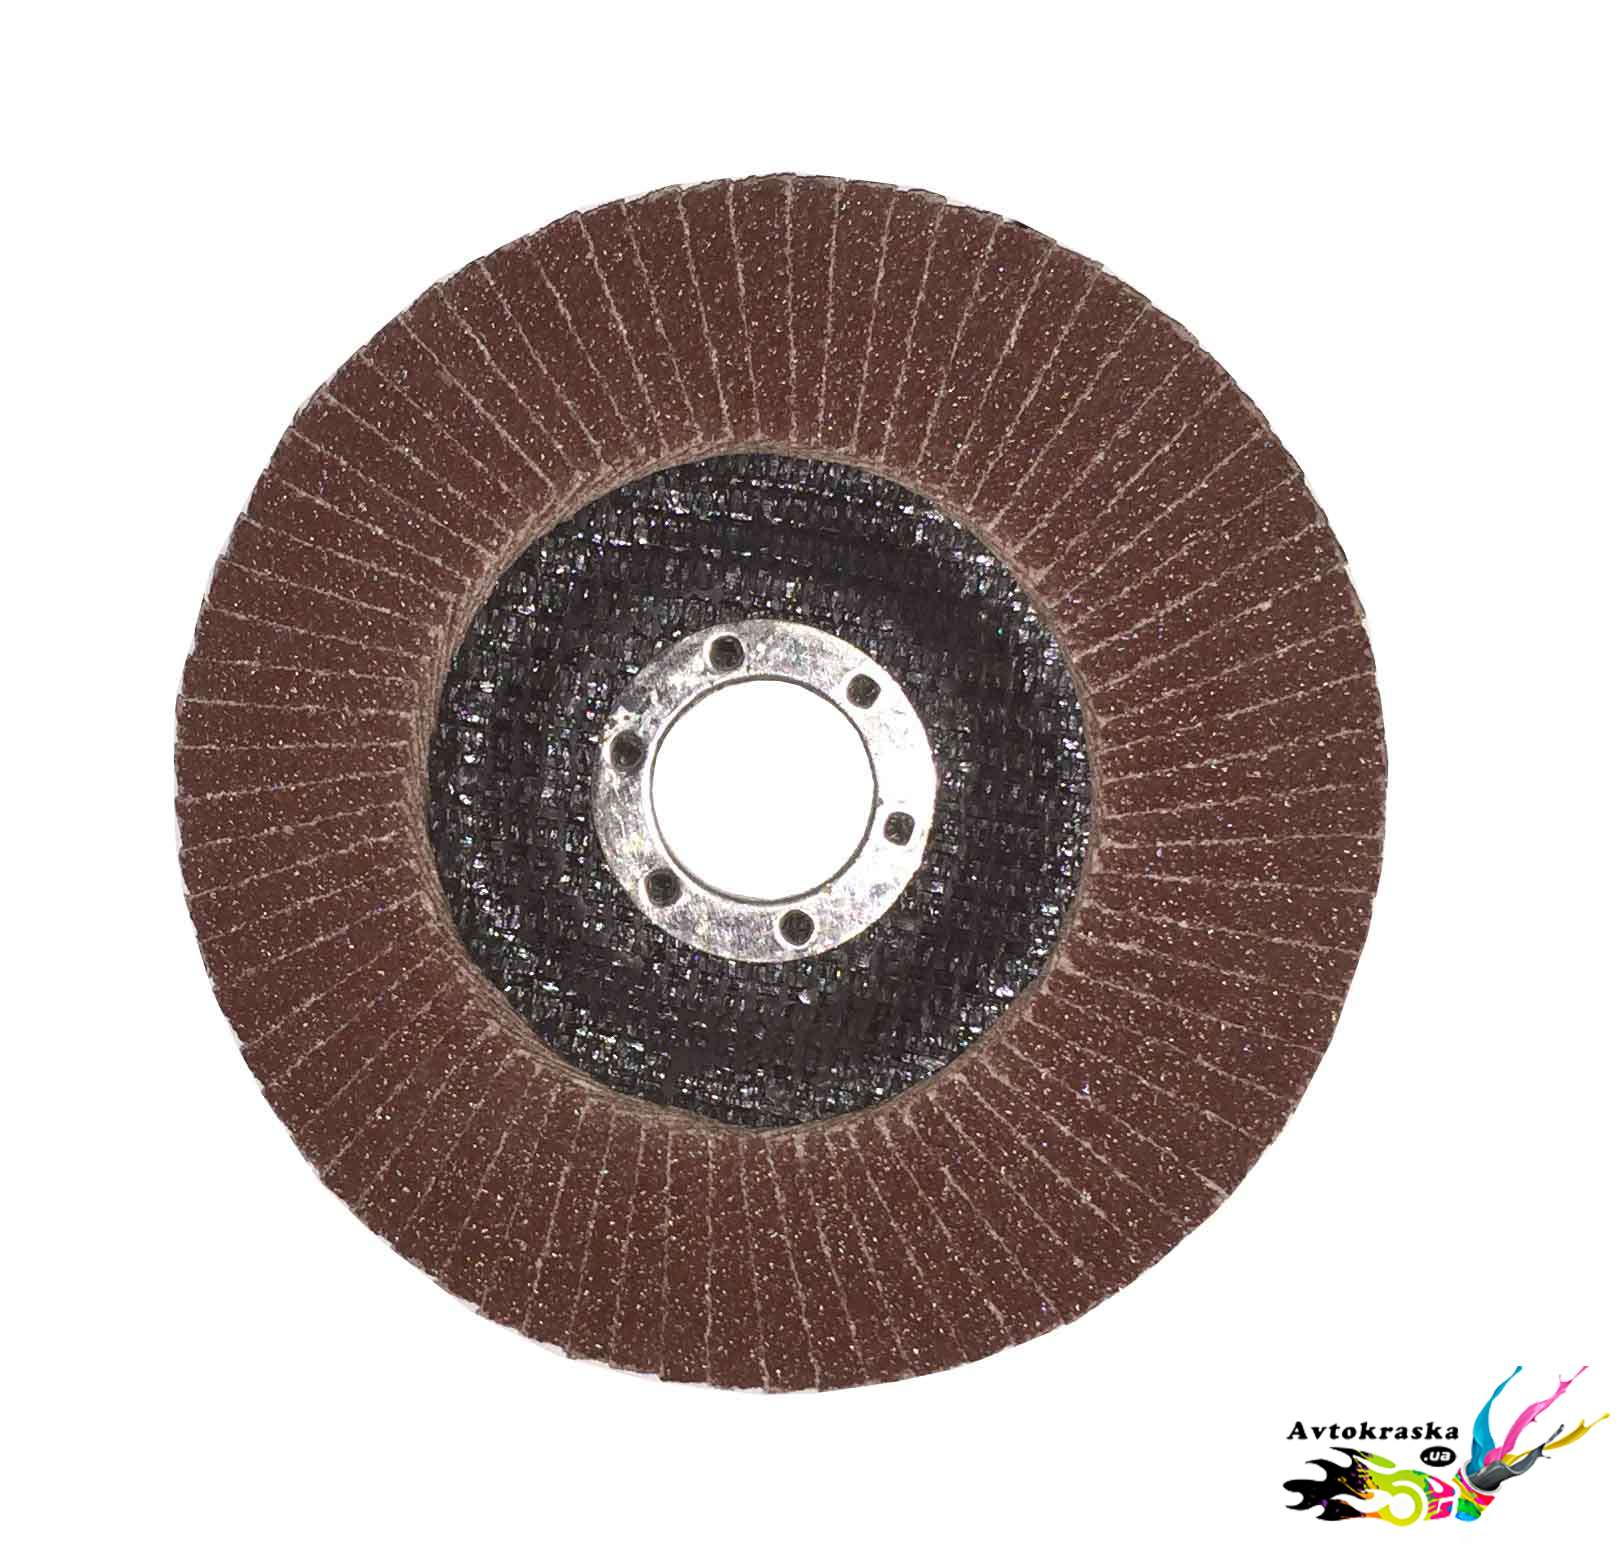 Лепестковый зачистной круг APP 06XLM60 на болгарку 125ммх22мм P60